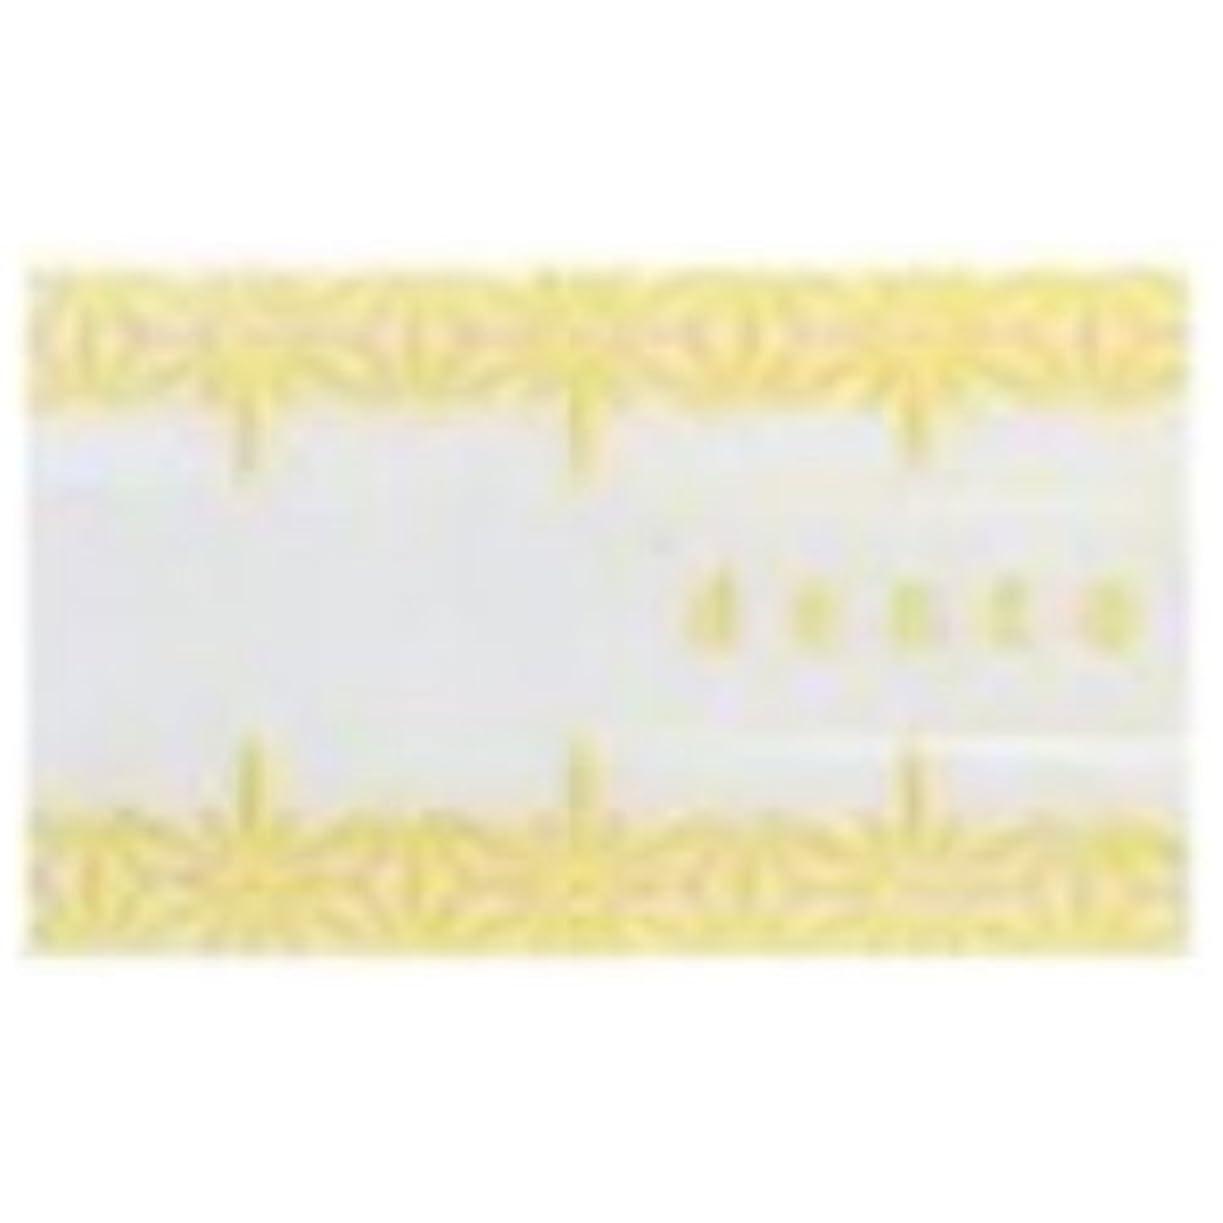 線エール絶壁薫寿堂 紙のお香 美香 檀の香り 30枚入